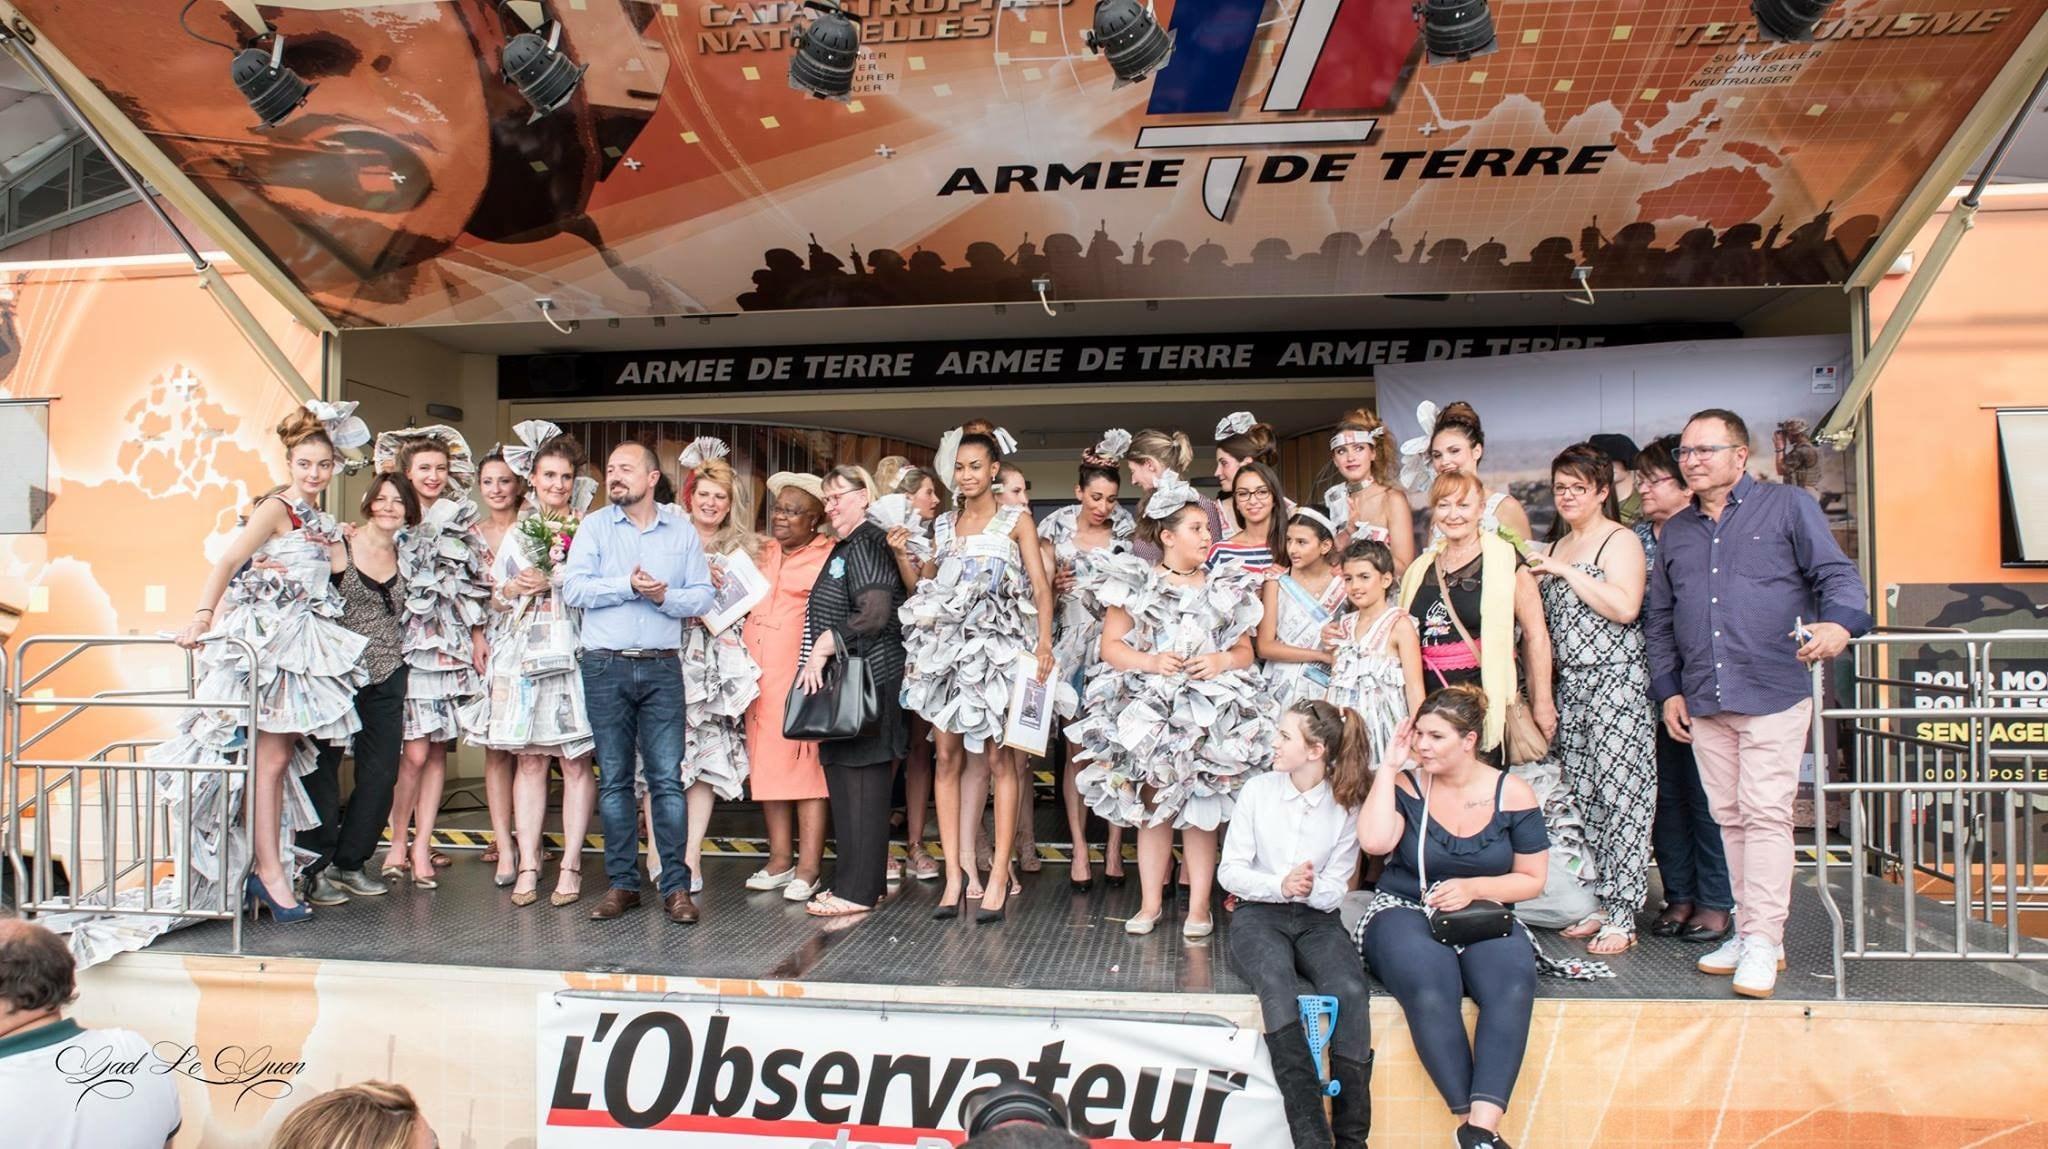 EXPO-60-2018-foire-departemental-de-loise-beauvais-5